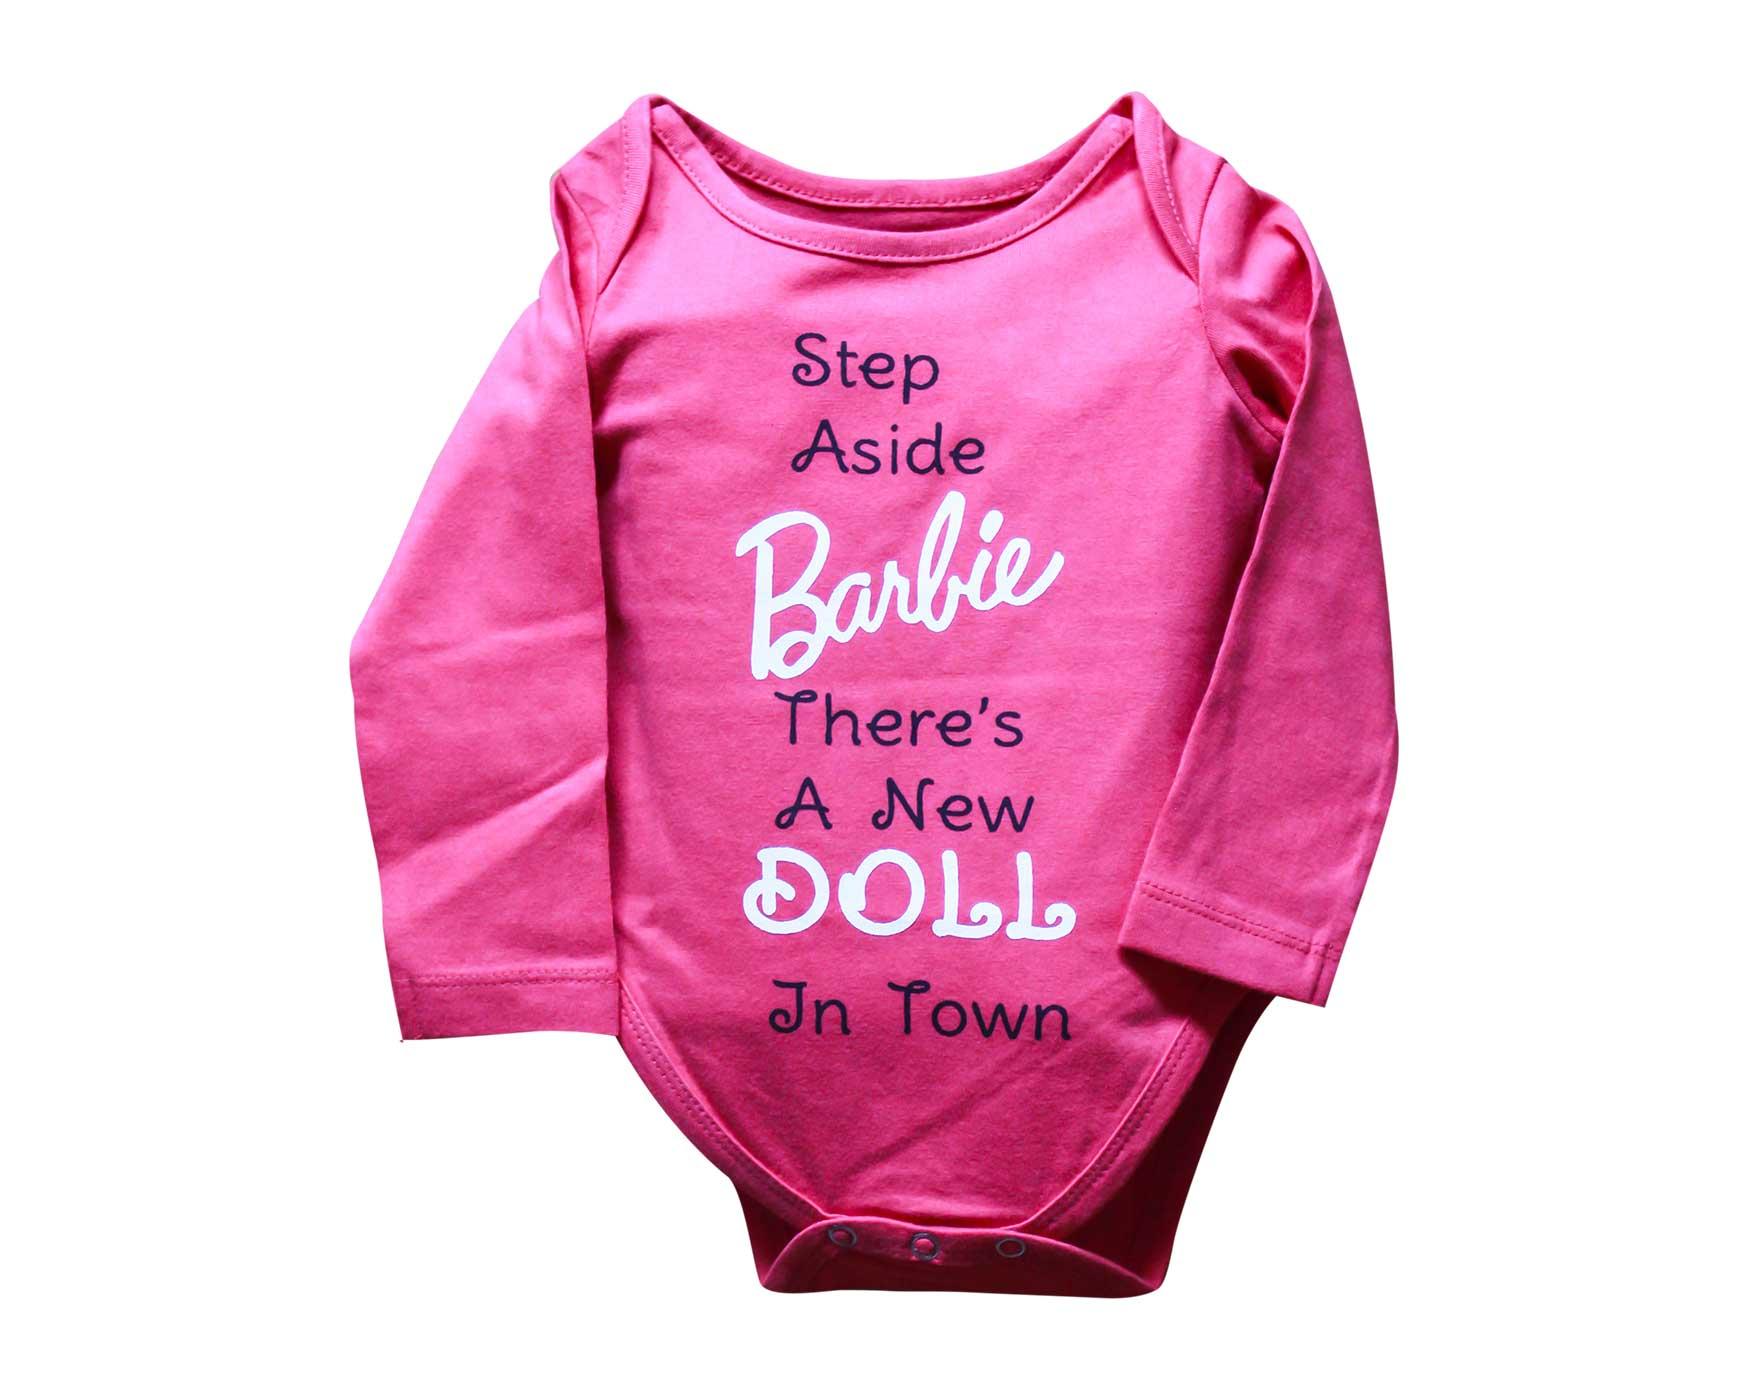 barbie doll onesie.jpg